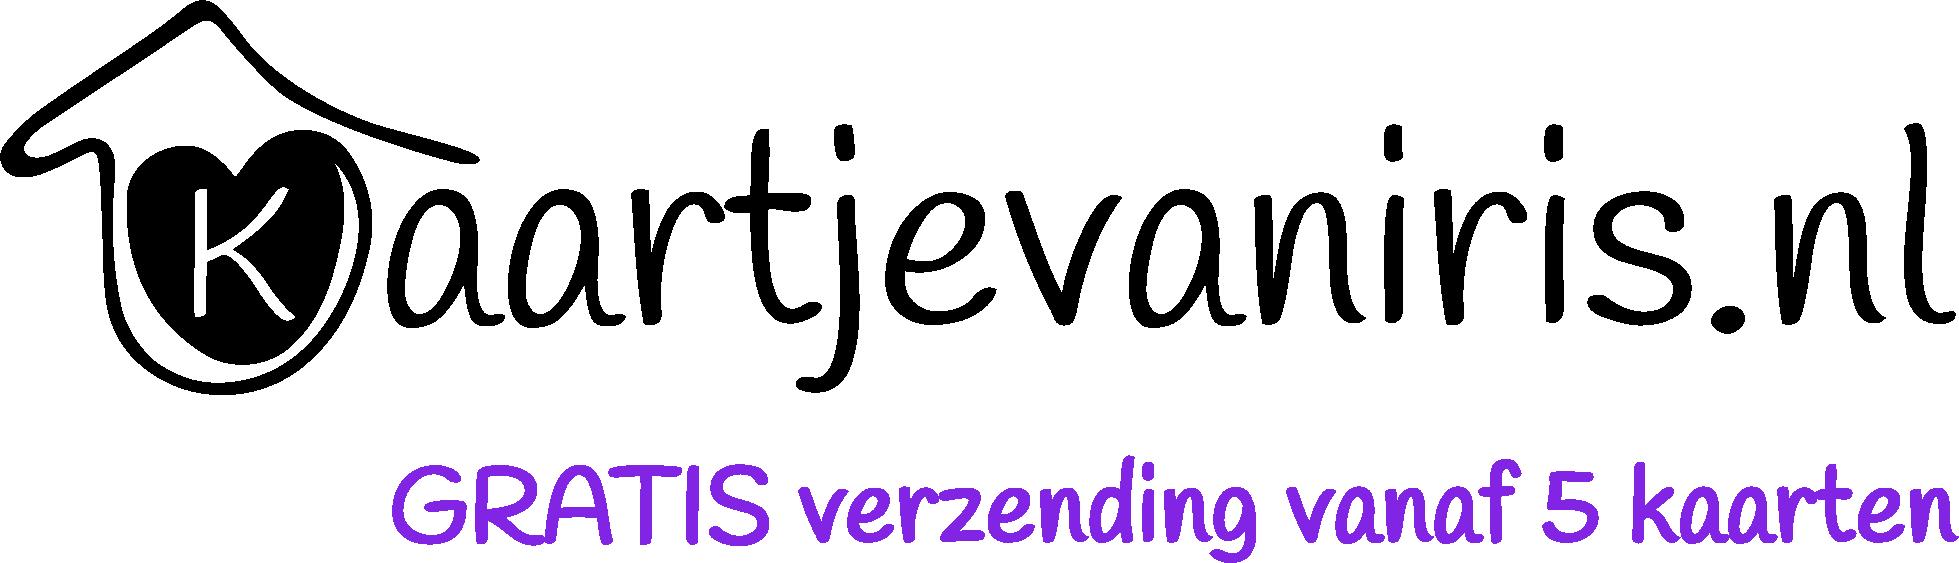 kaartjevaniris.nl